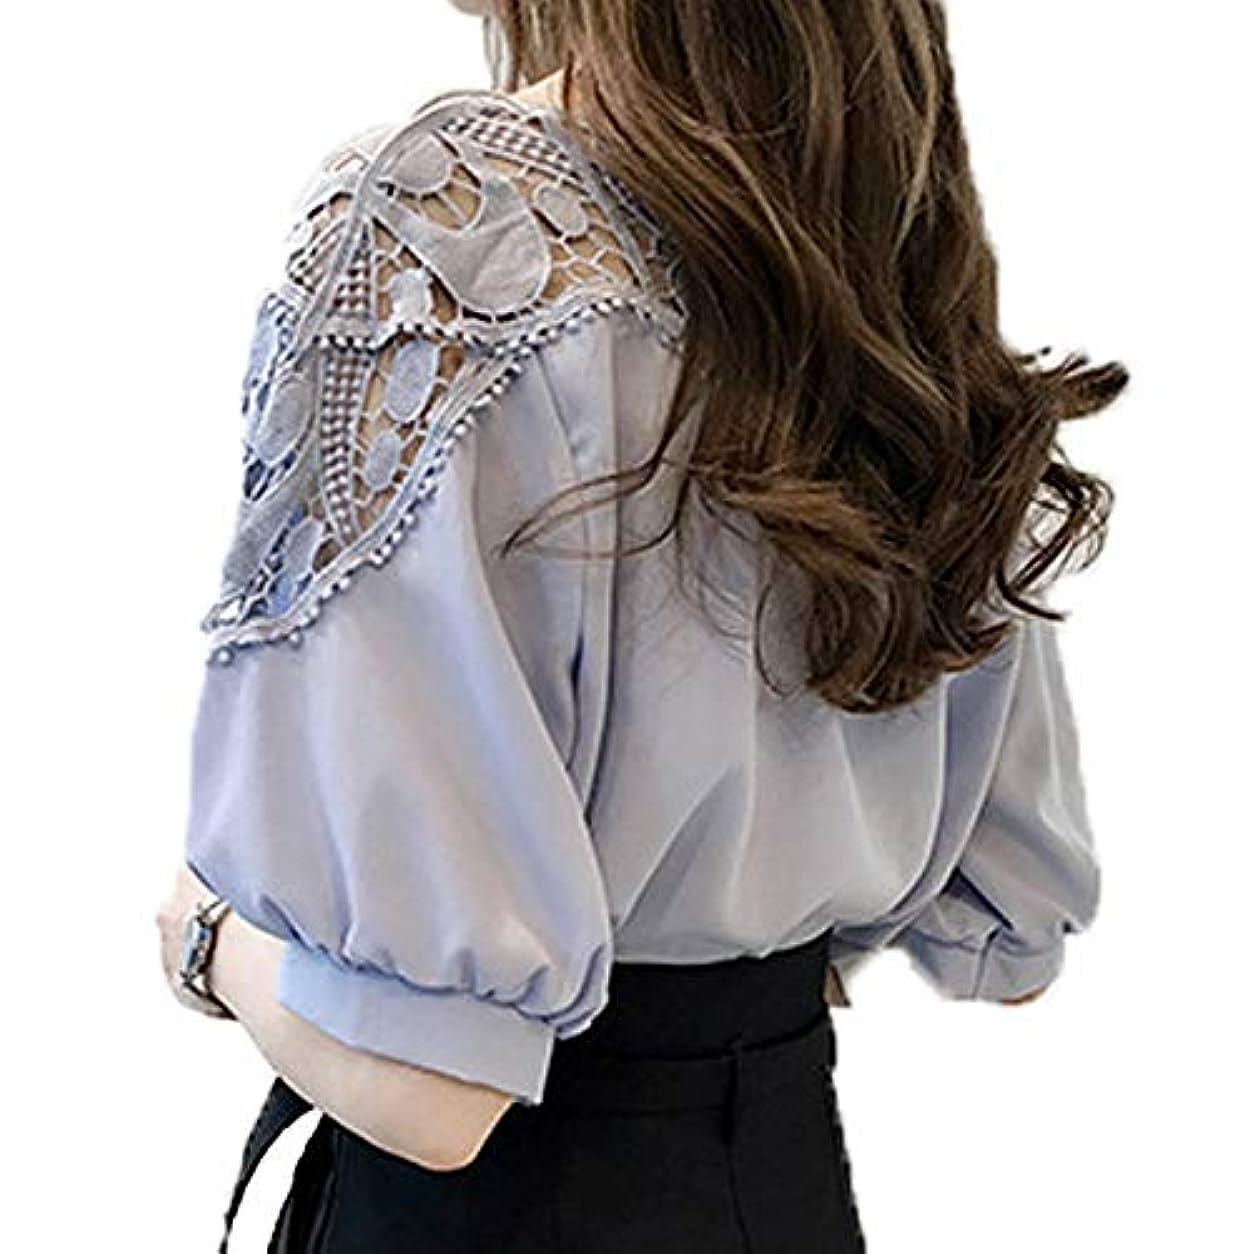 魔術師運賃ドル[ココチエ] ブラウス レディース レース 肩出し 半袖 おしゃれ かわいい とろみ バルーン袖 5分袖 花柄 ゆったり